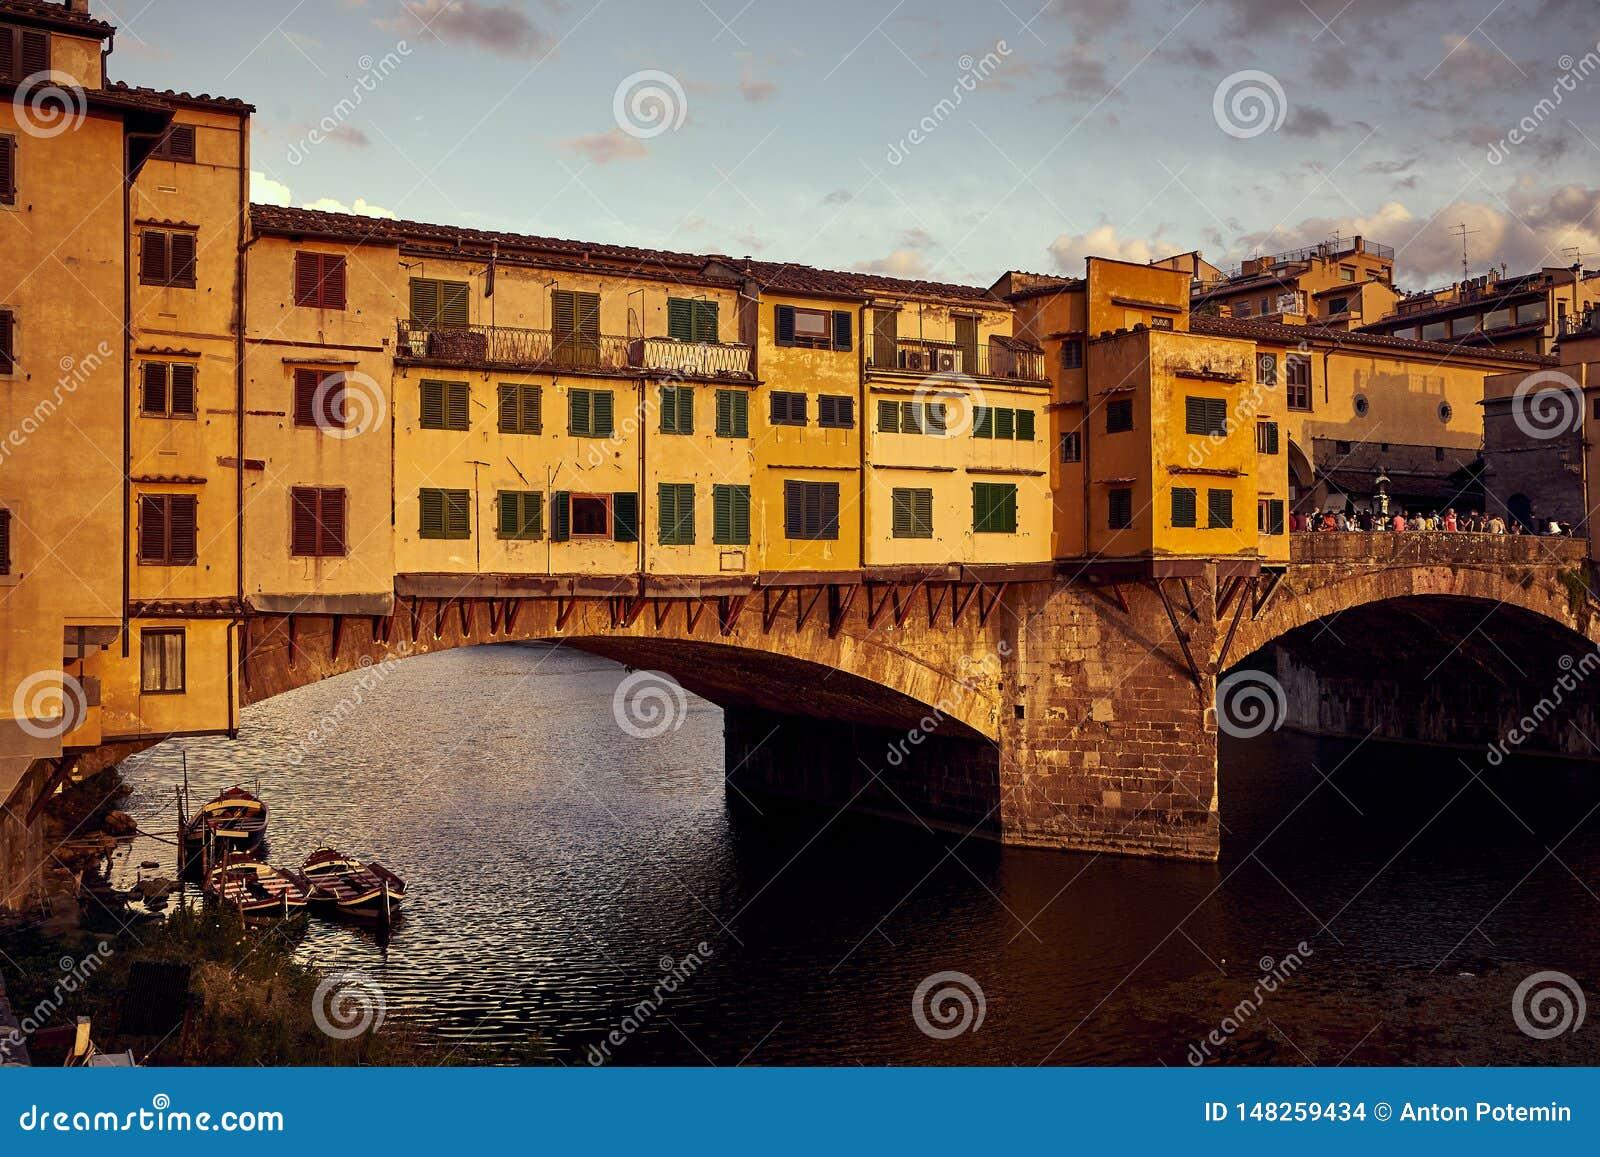 Άποψη της χρυσής γέφυρας Ponte Vecchio στον ποταμό της Φλωρεντίας Arno